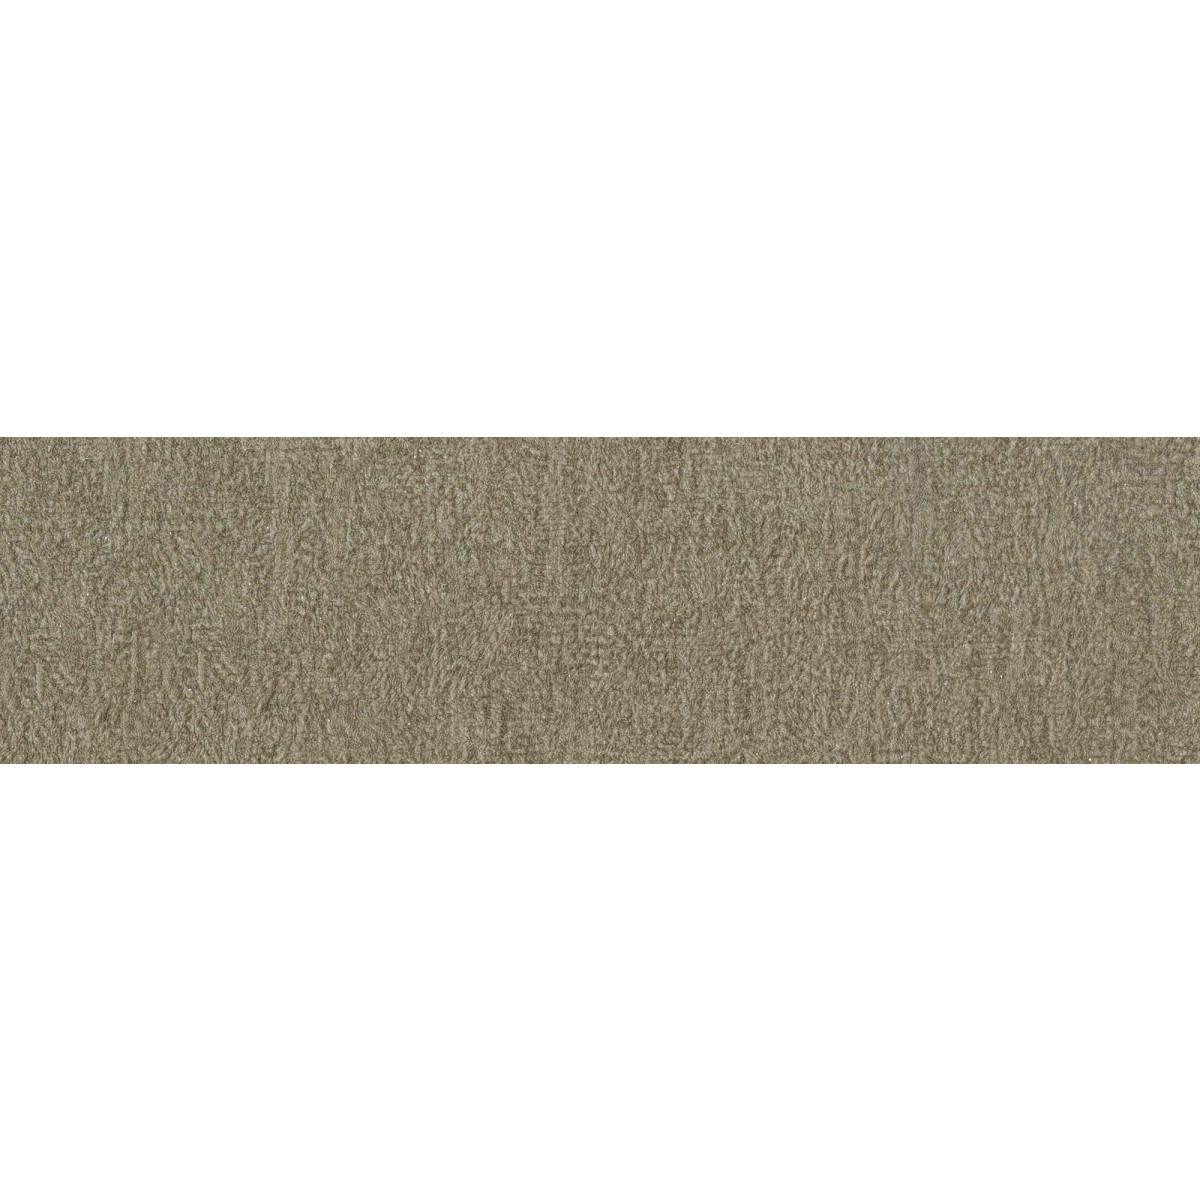 Обои виниловые Gaenari коричневые 1.06 м 88294-4